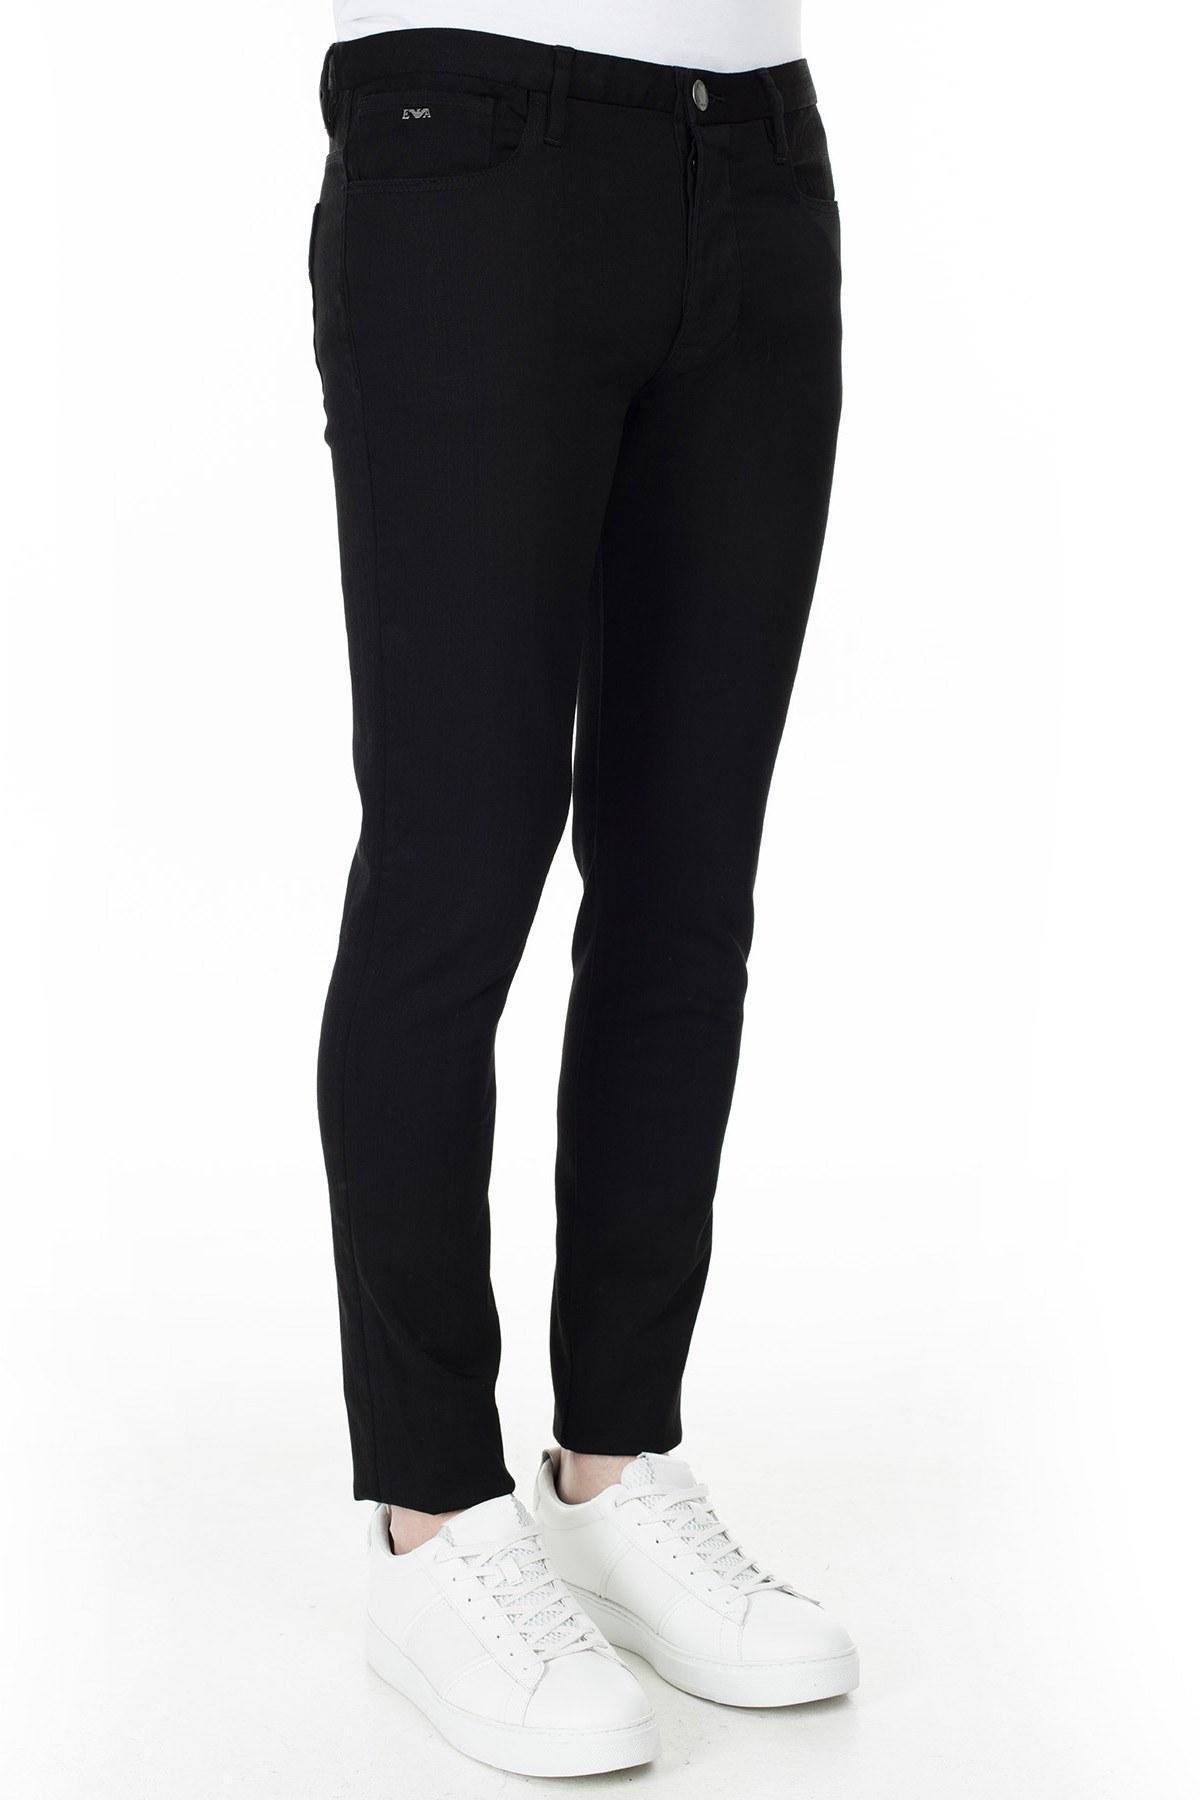 Emporio Armani J11 Jeans Erkek Kot Pantolon S 6G1J11 1DHDZ 0005 SİYAH